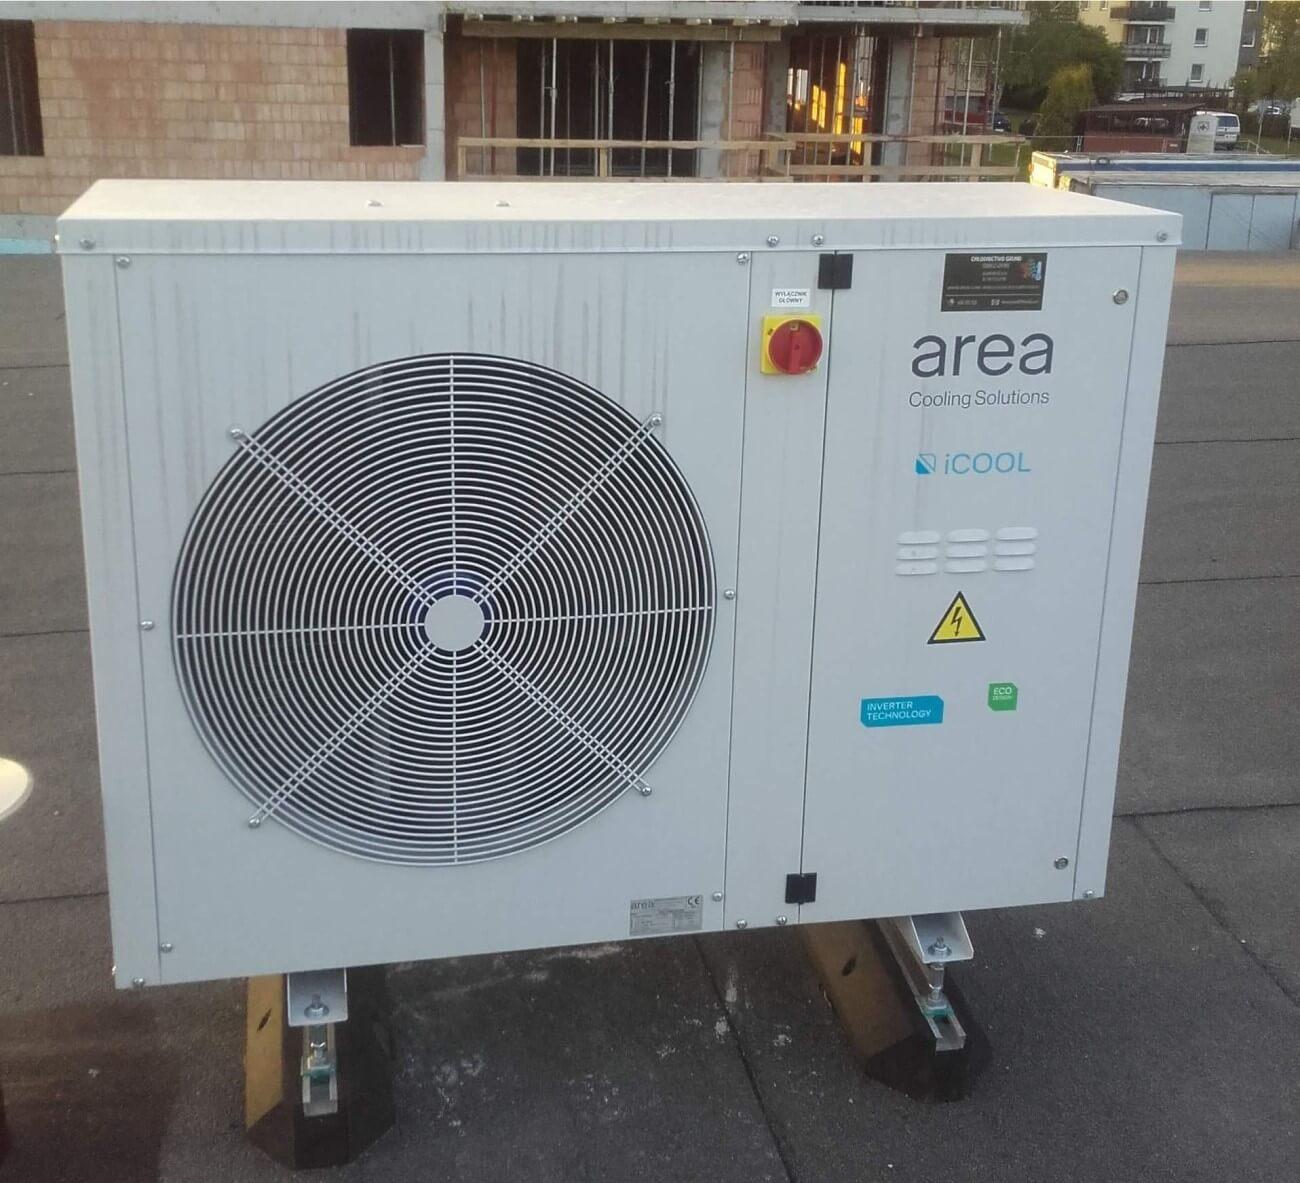 zewnętrzna jednostka klimatyzacji